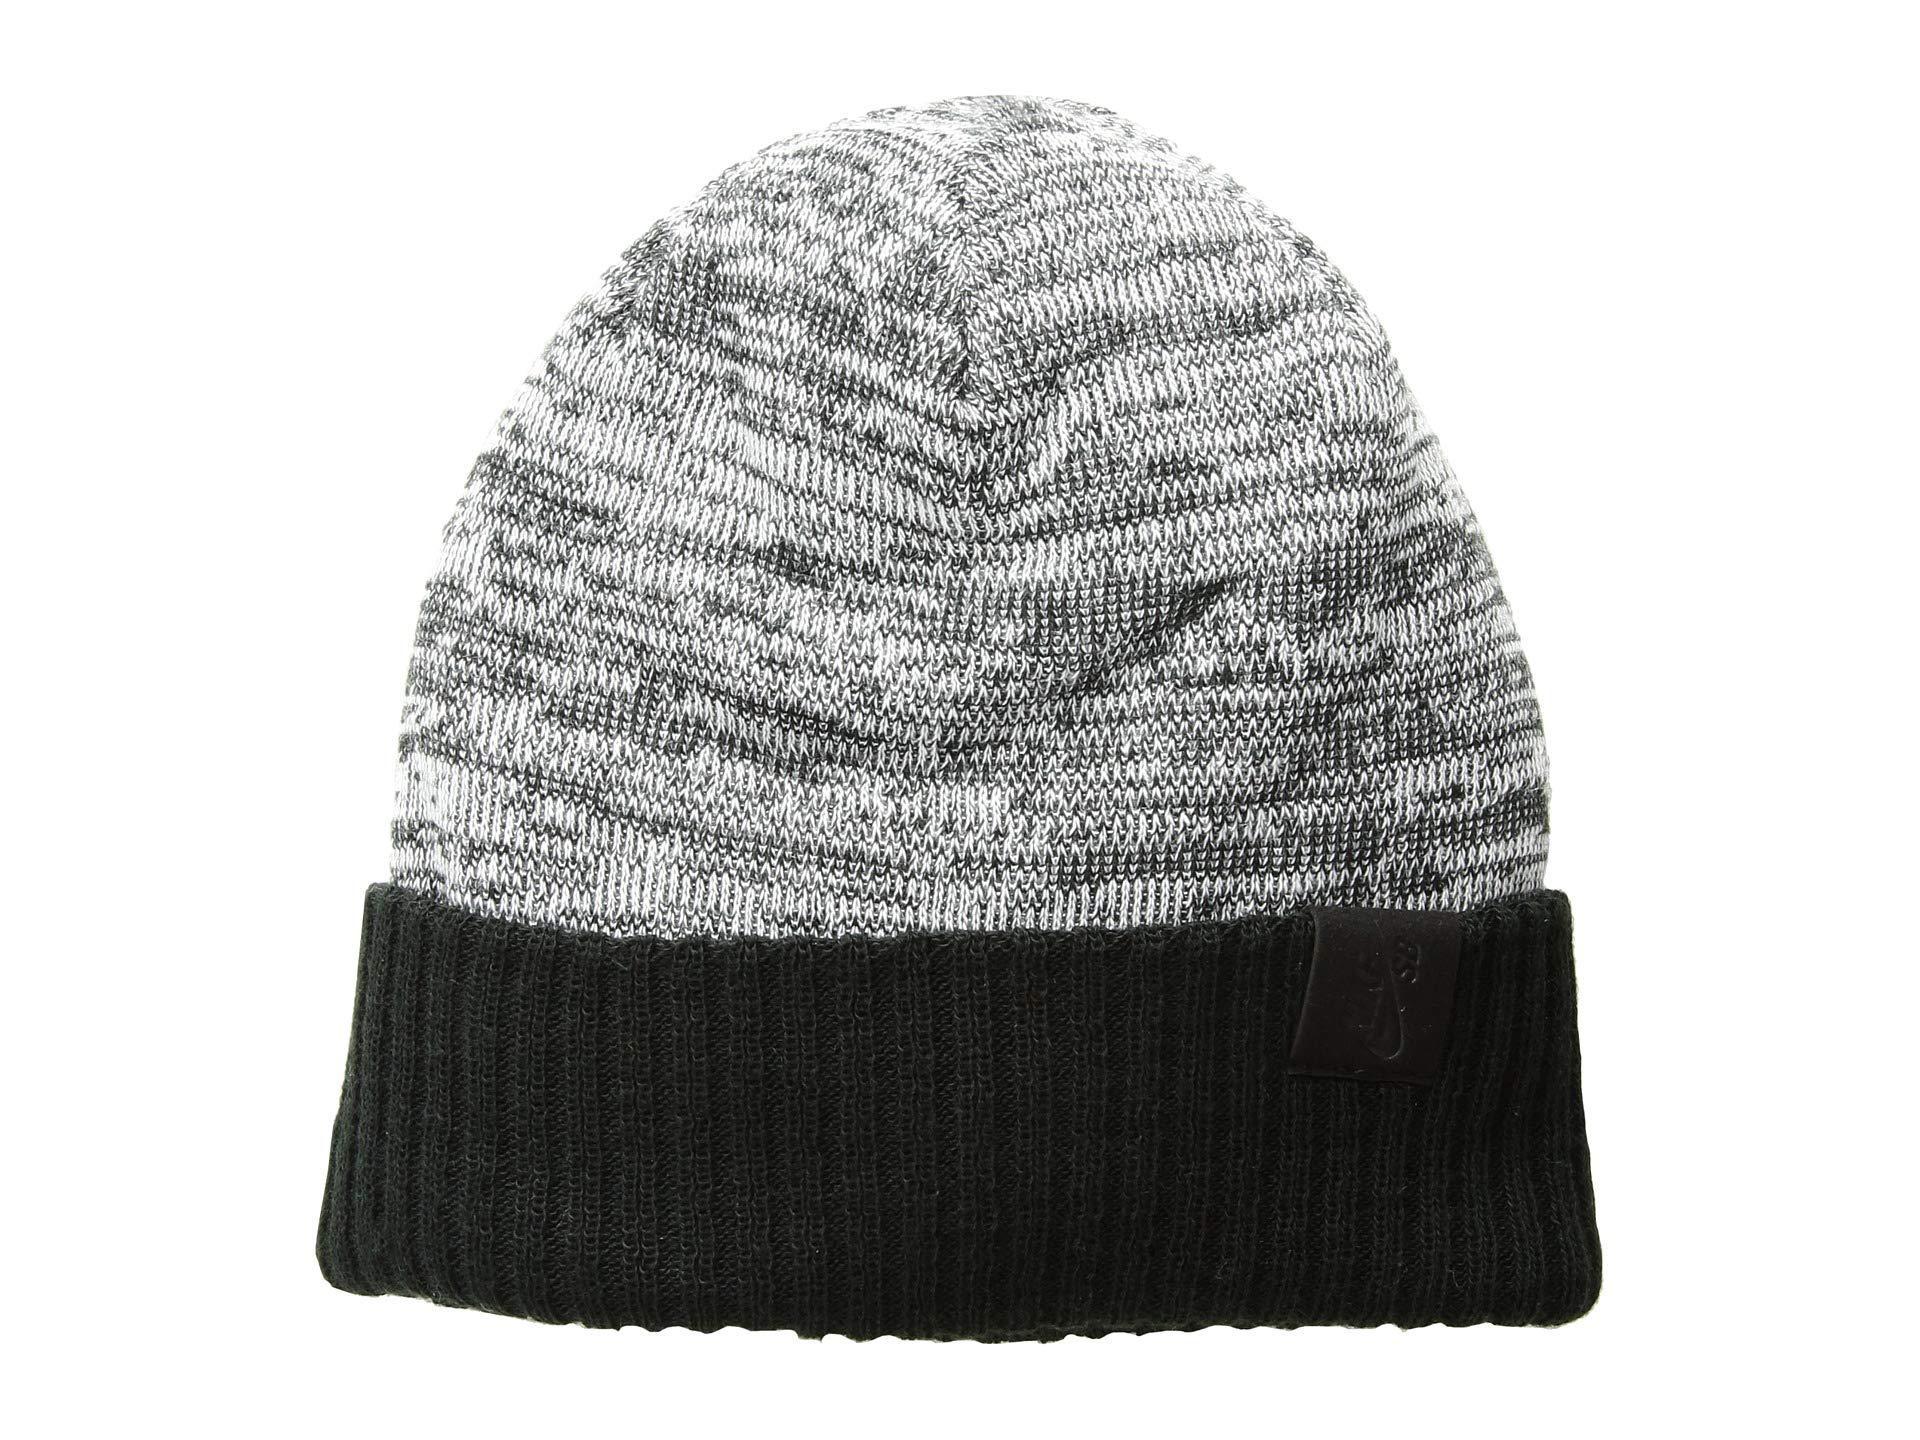 Lyst - Nike Beanie Seasonal (obsidian White black) Beanies in Black ... 70b457c45